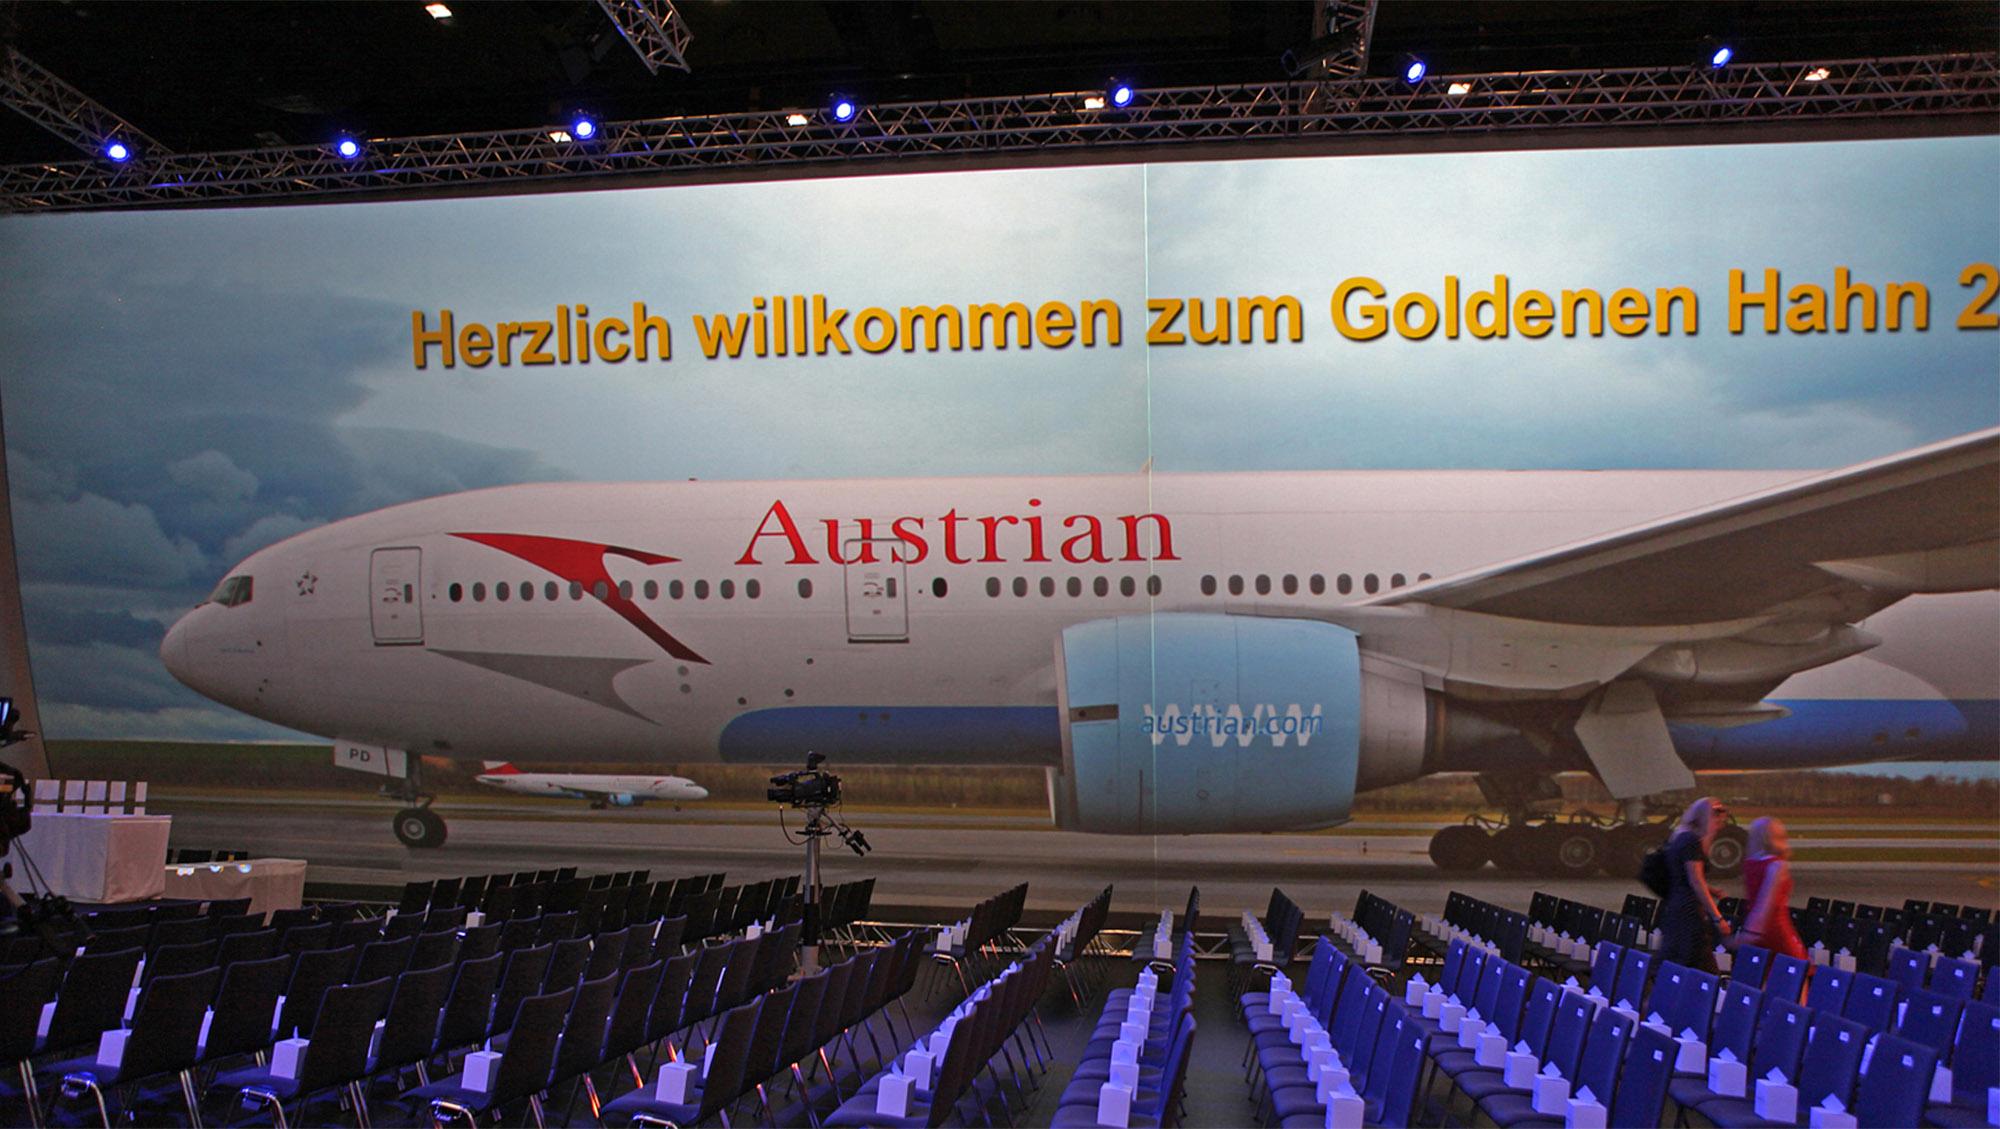 GoldenerHahn2014_Verleihungsevent_02.jpg